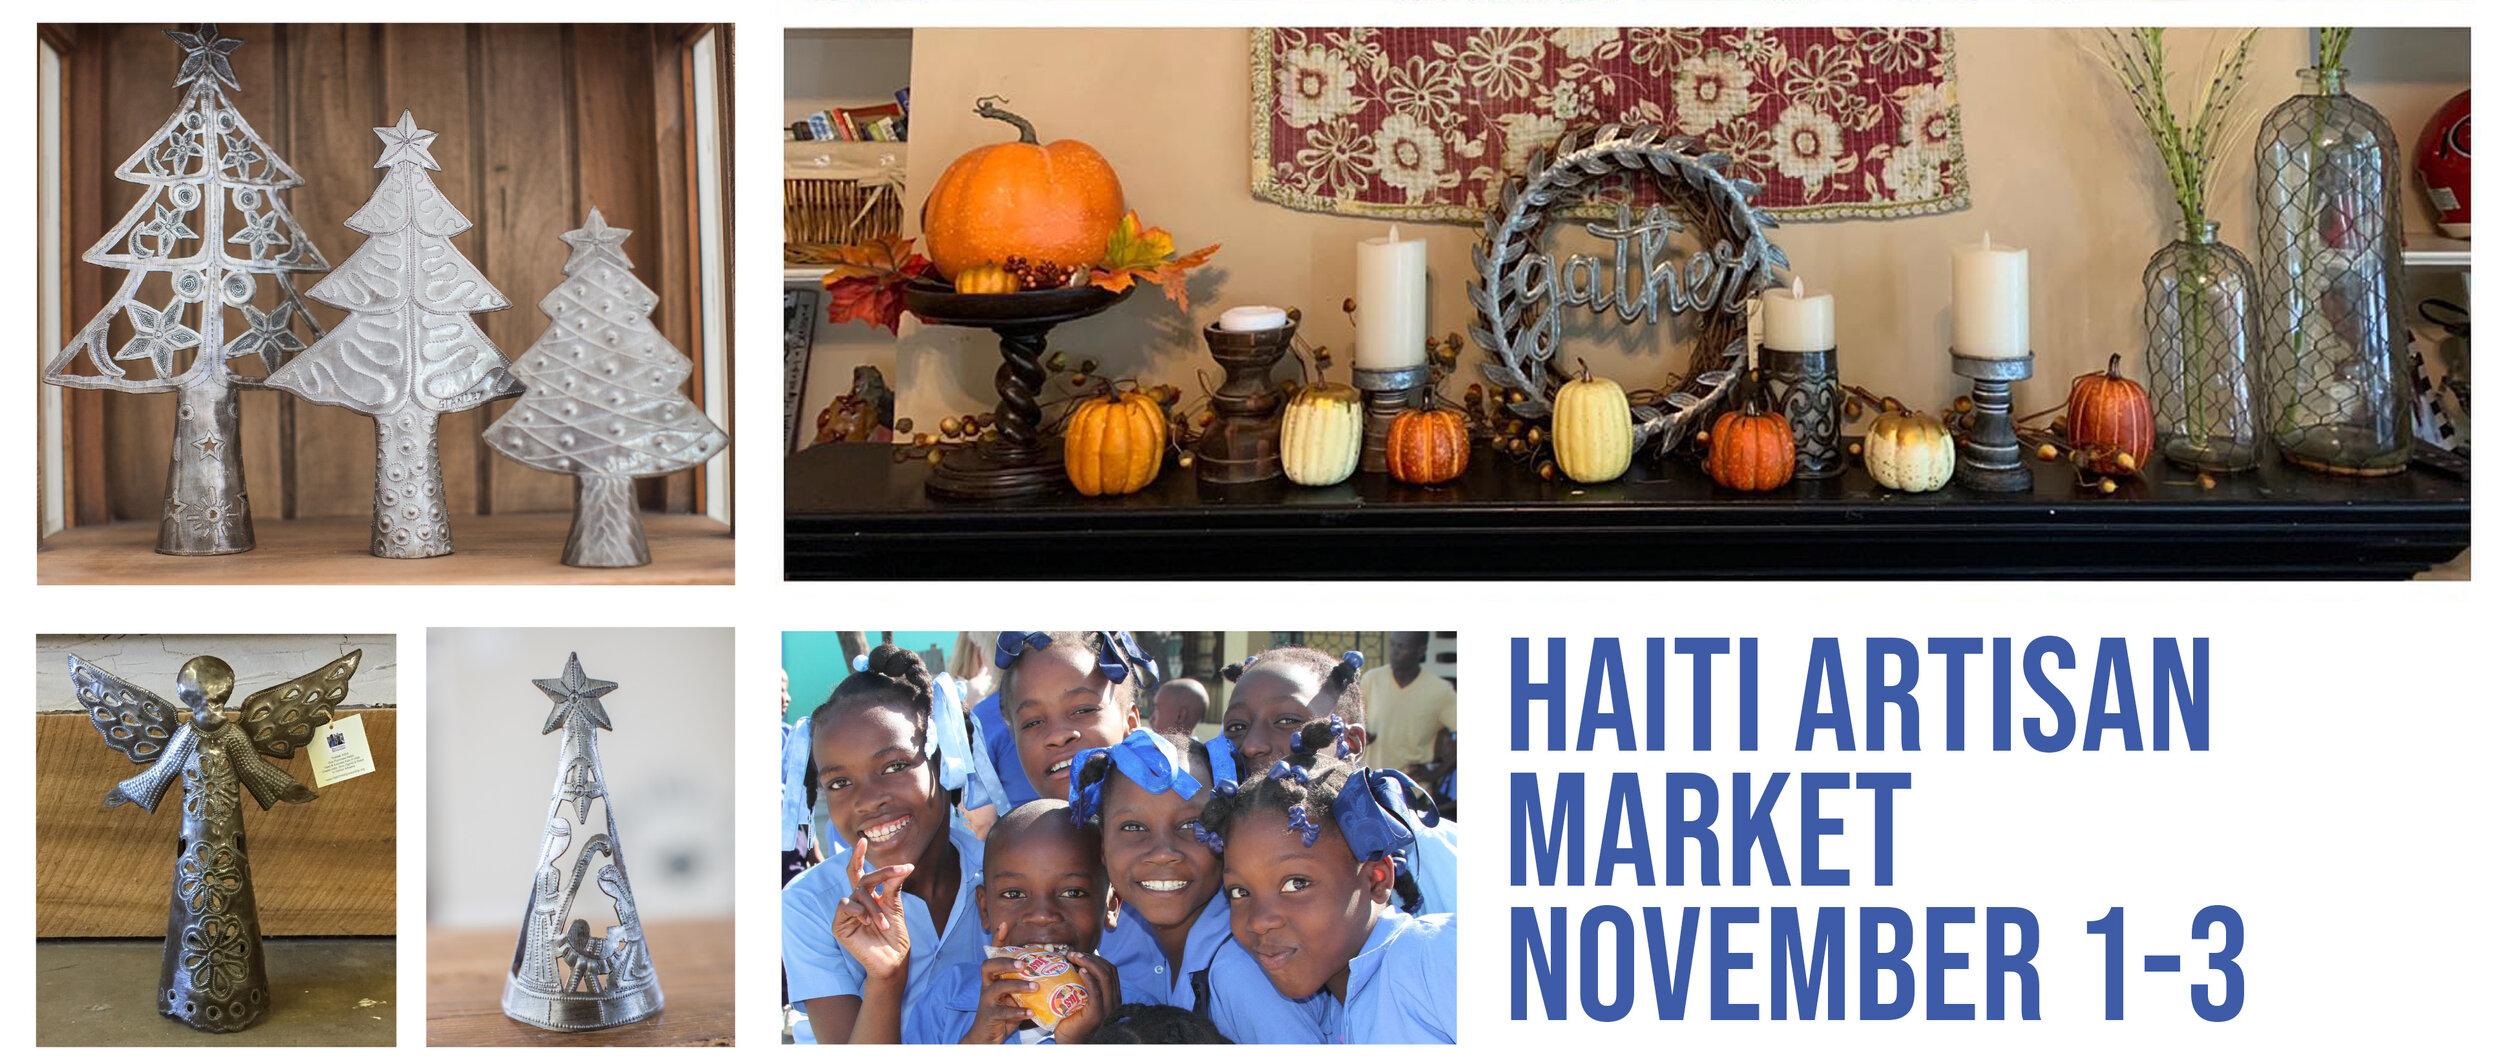 HaitiMarket.jpg